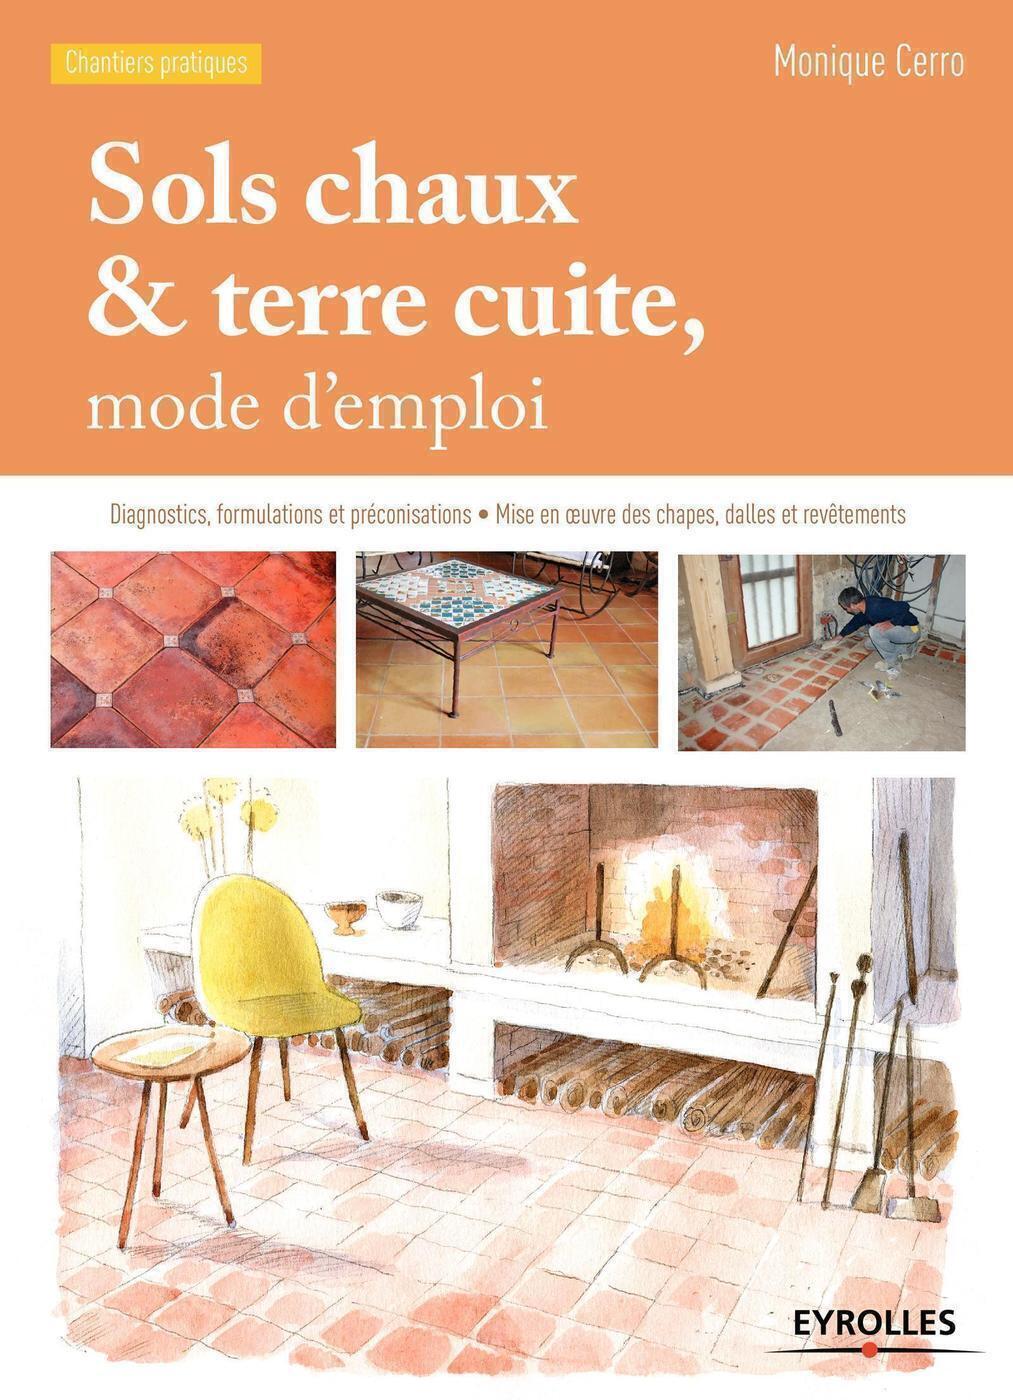 Peinture Couleur Terre Cuite sols chaux et terre cuite, mode d'emploi - m.cerro - 3ème édition -  librairie eyrolles